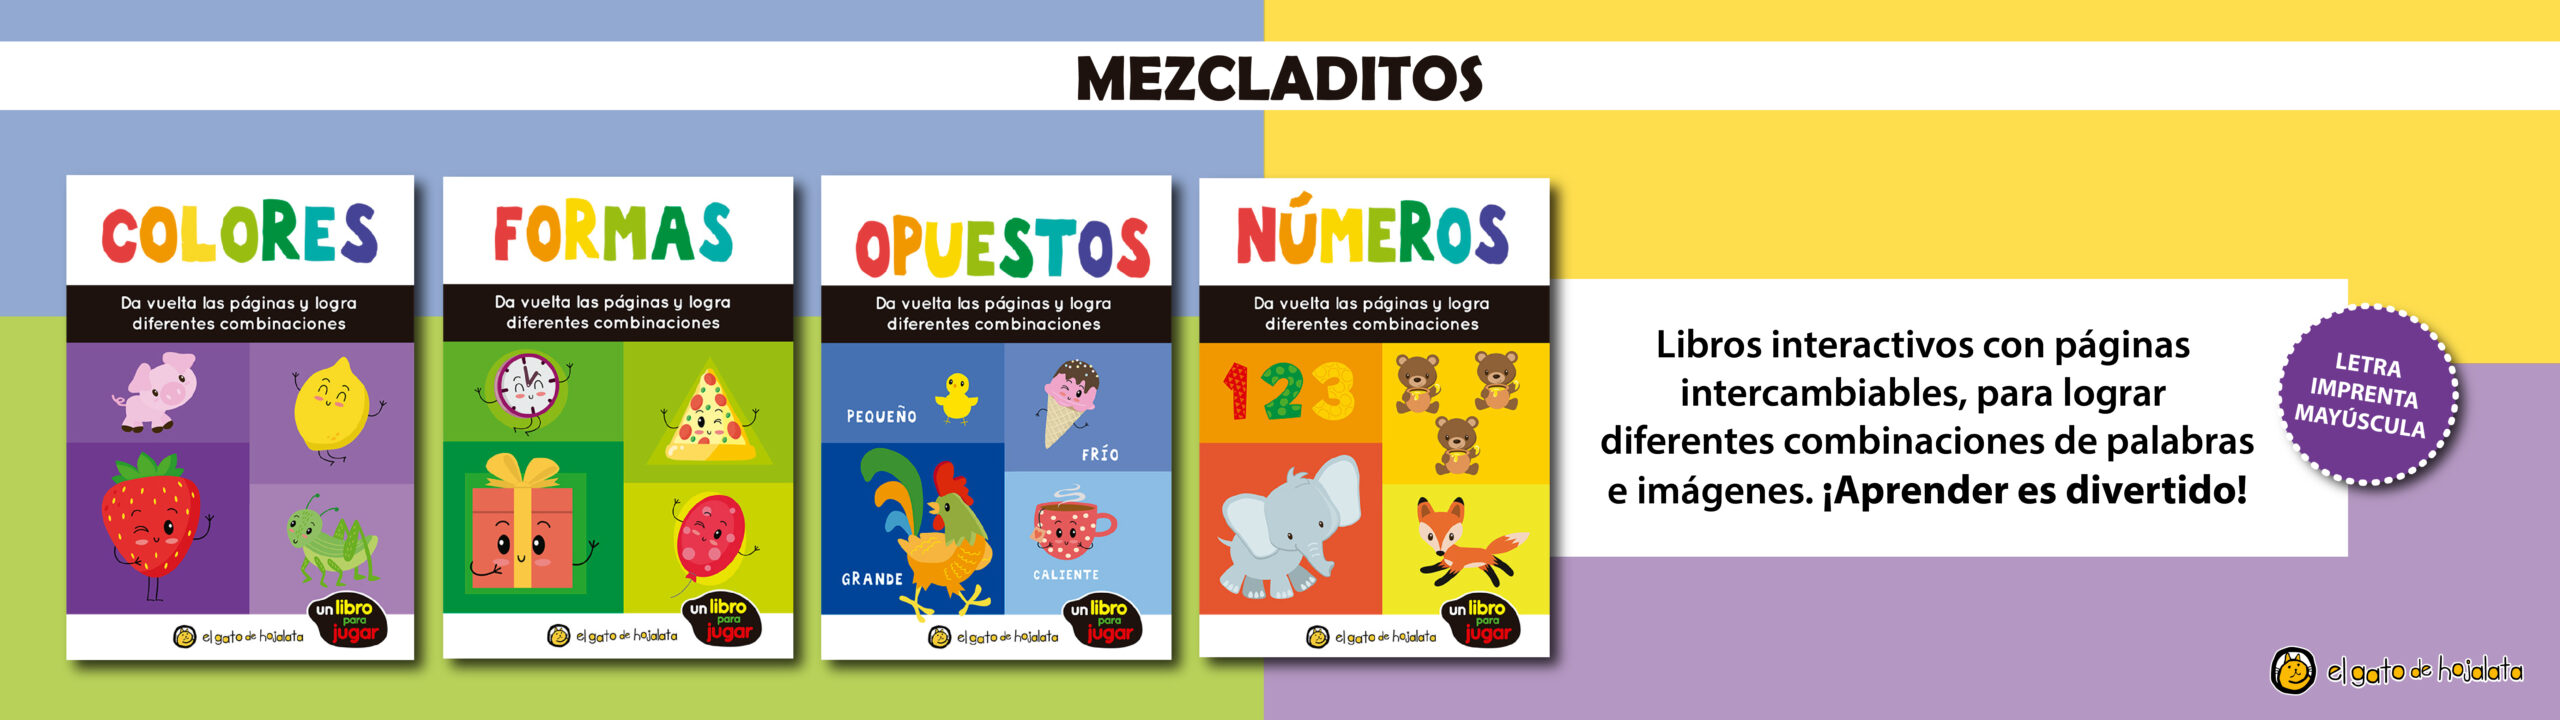 MEZCLADITOS_BANNER WEB_1920X540